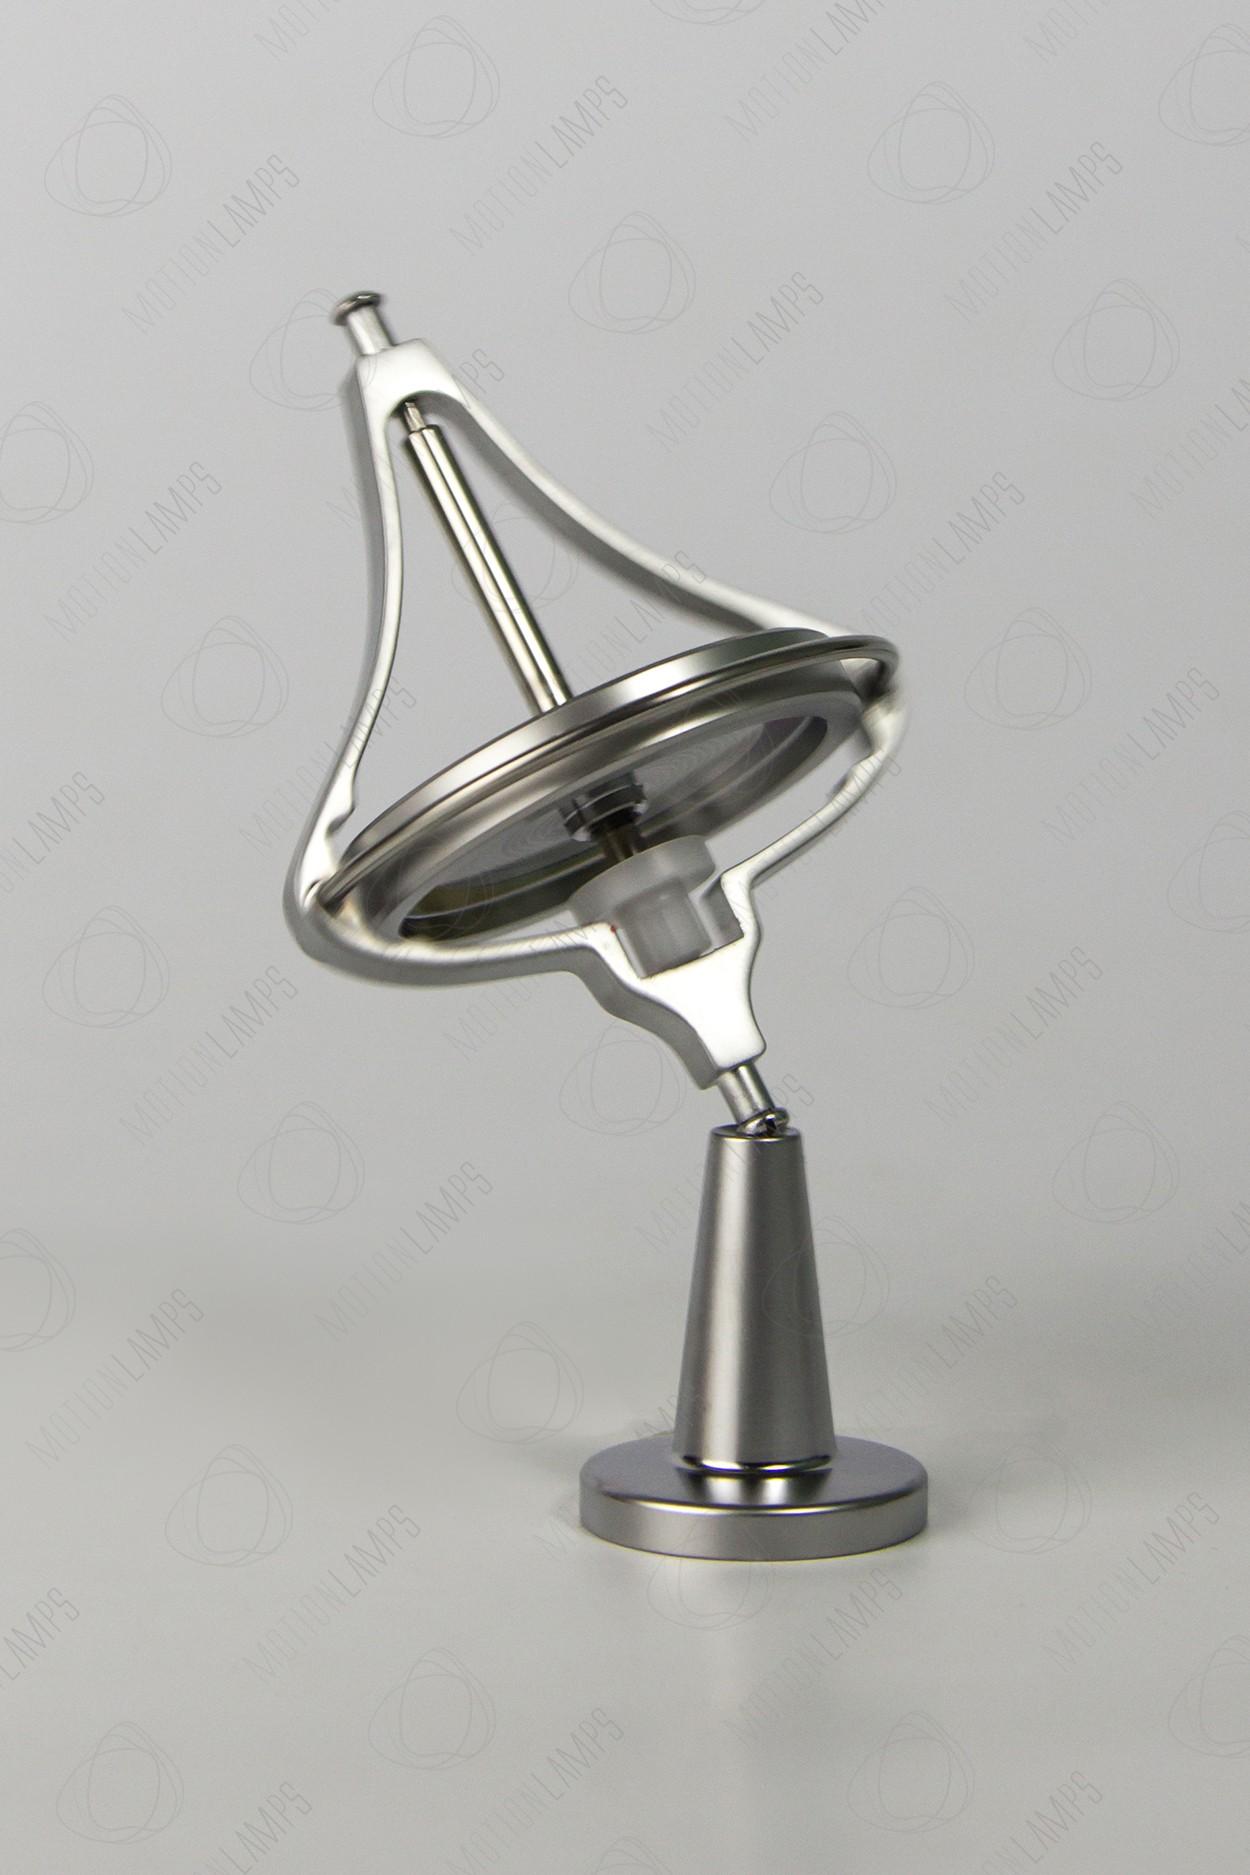 Гироскоп металлический на подставке в Ярославле